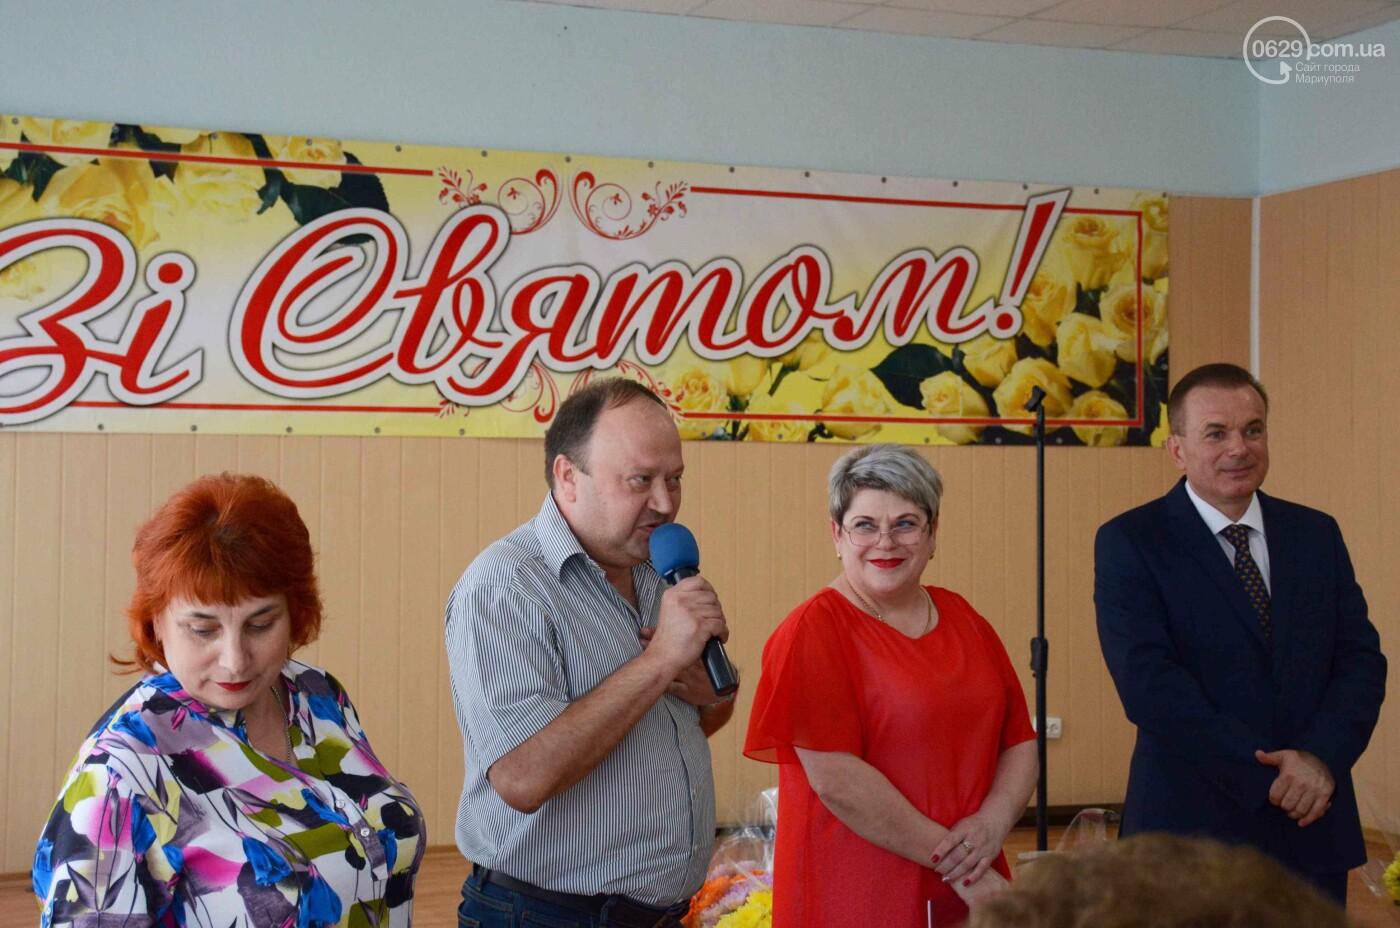 В Мариуполе чествовали лучших работников торговли (ФОТО), фото-7